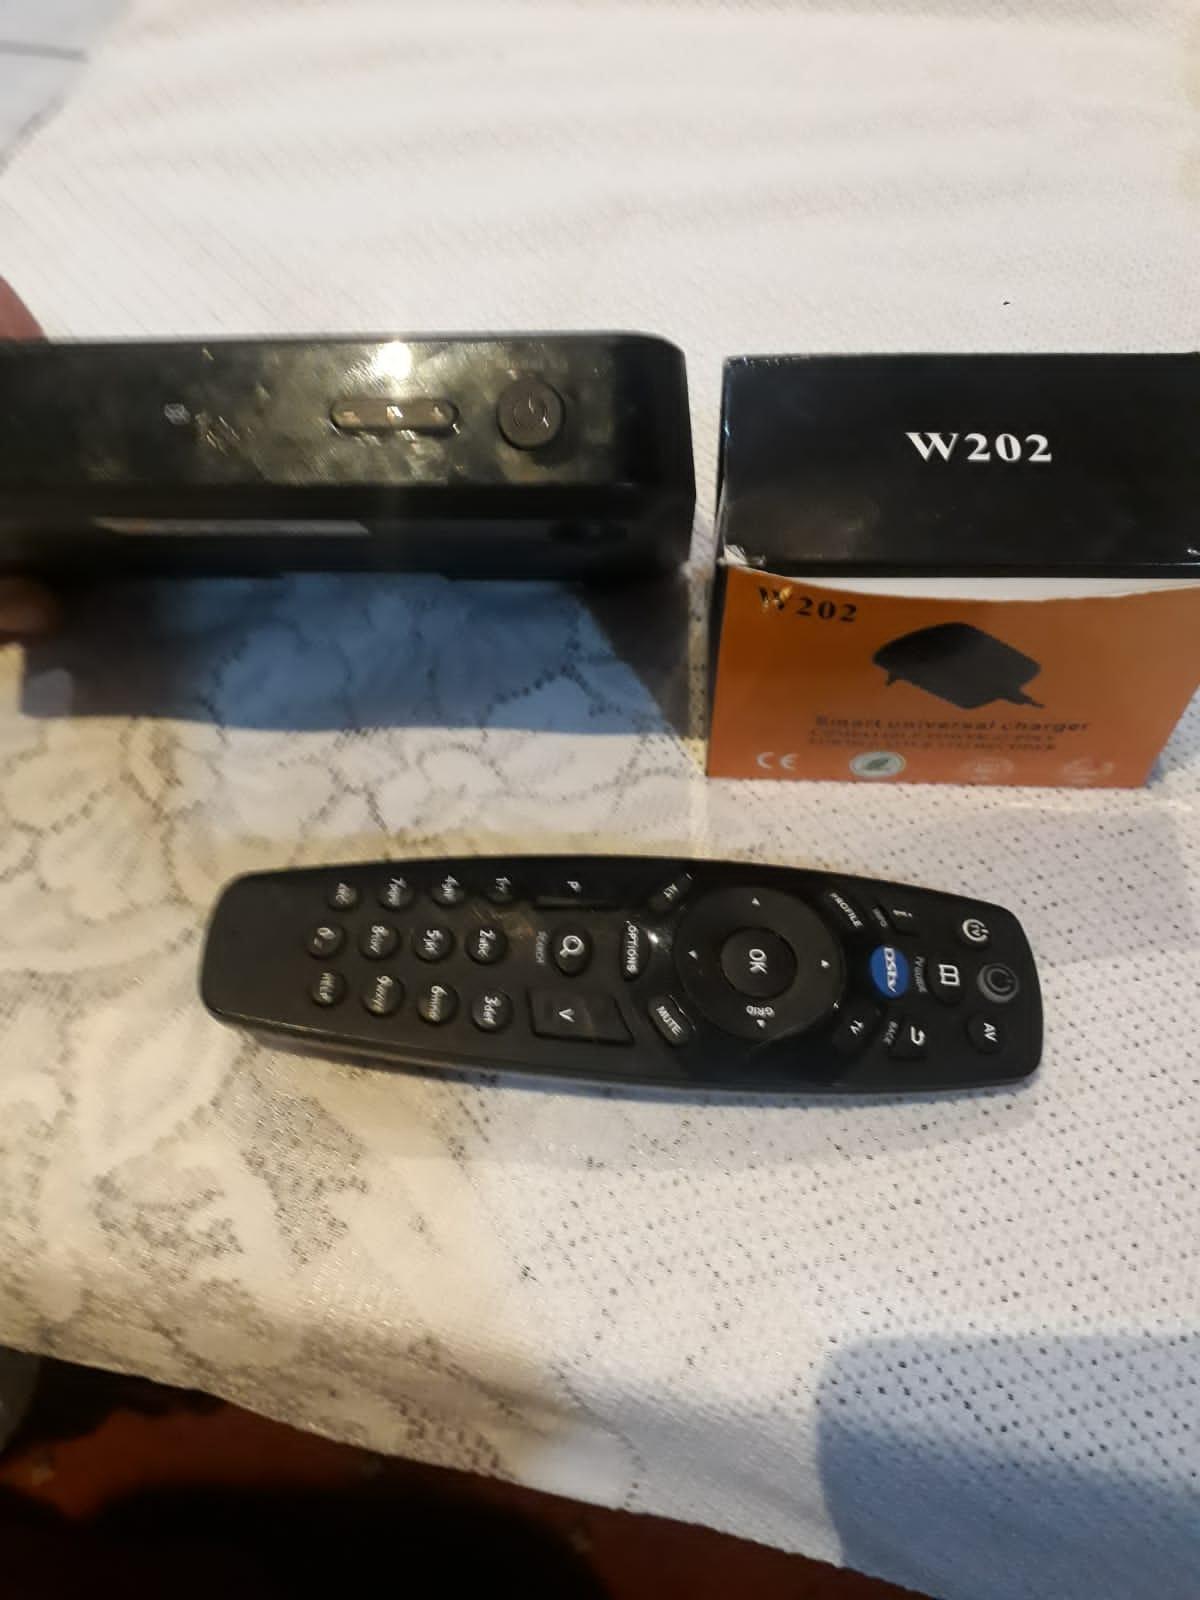 HD DSTV Decoder complete remote & power supply